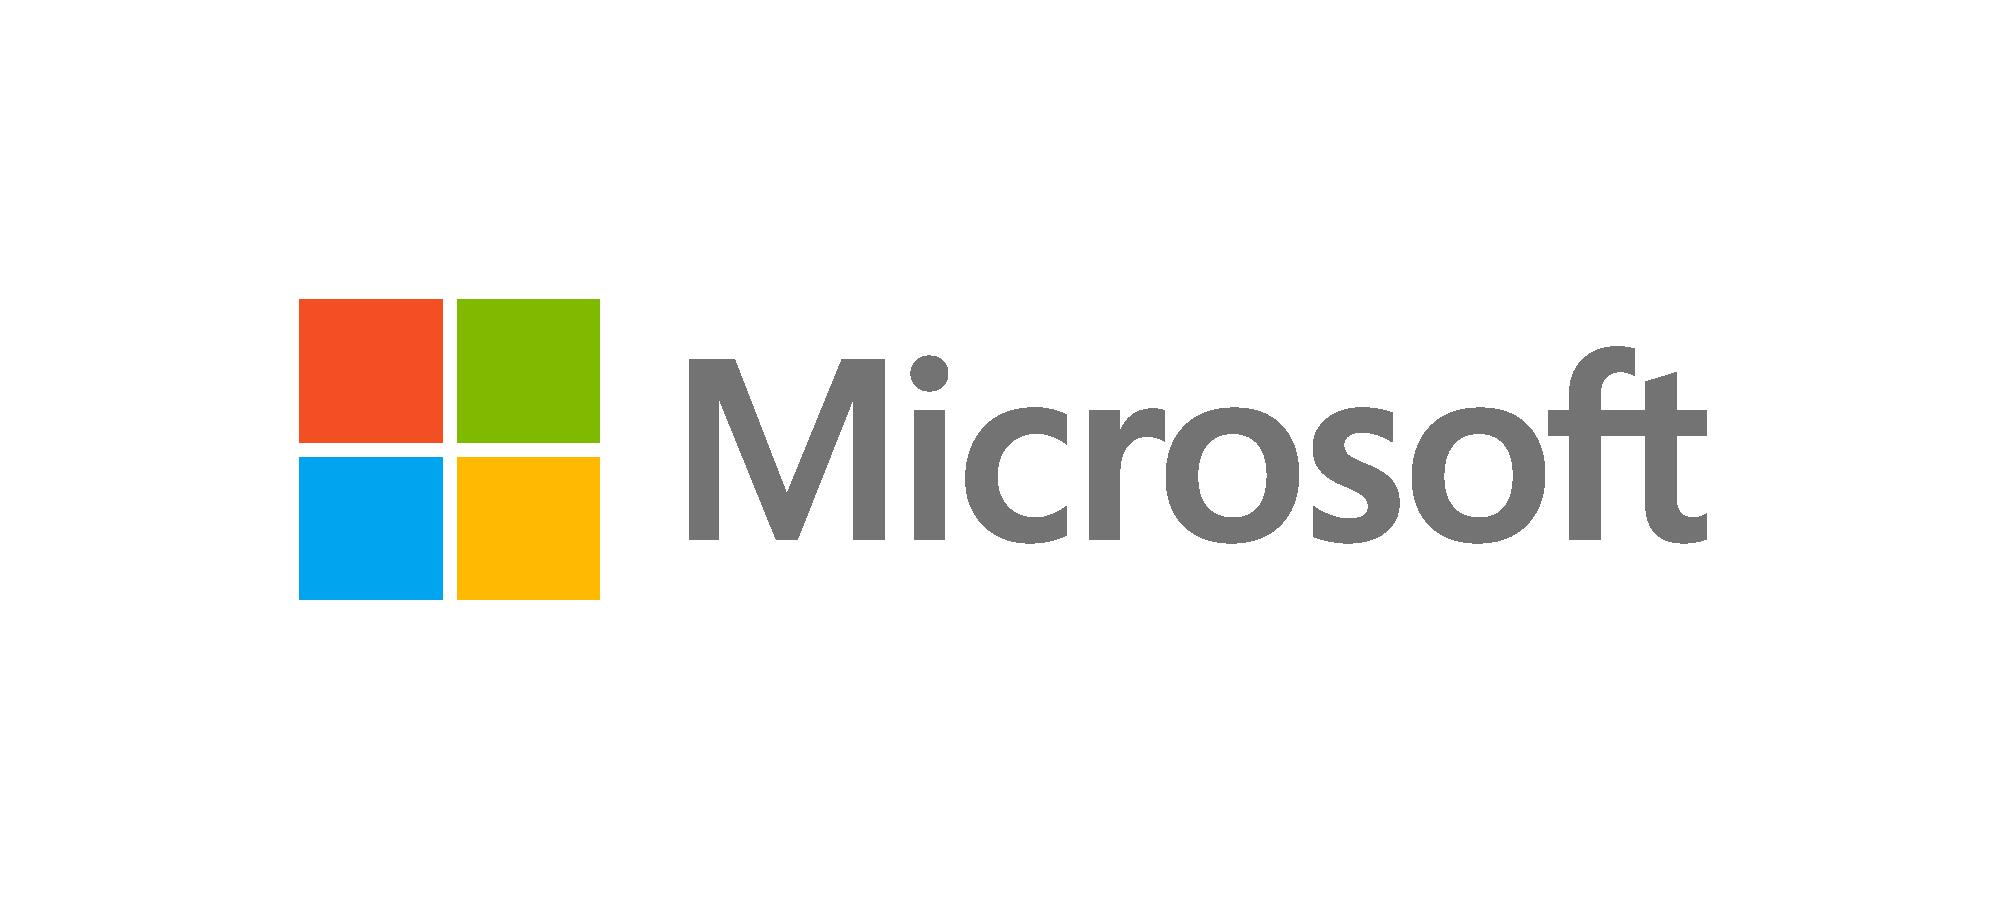 Yammer/Microsoft